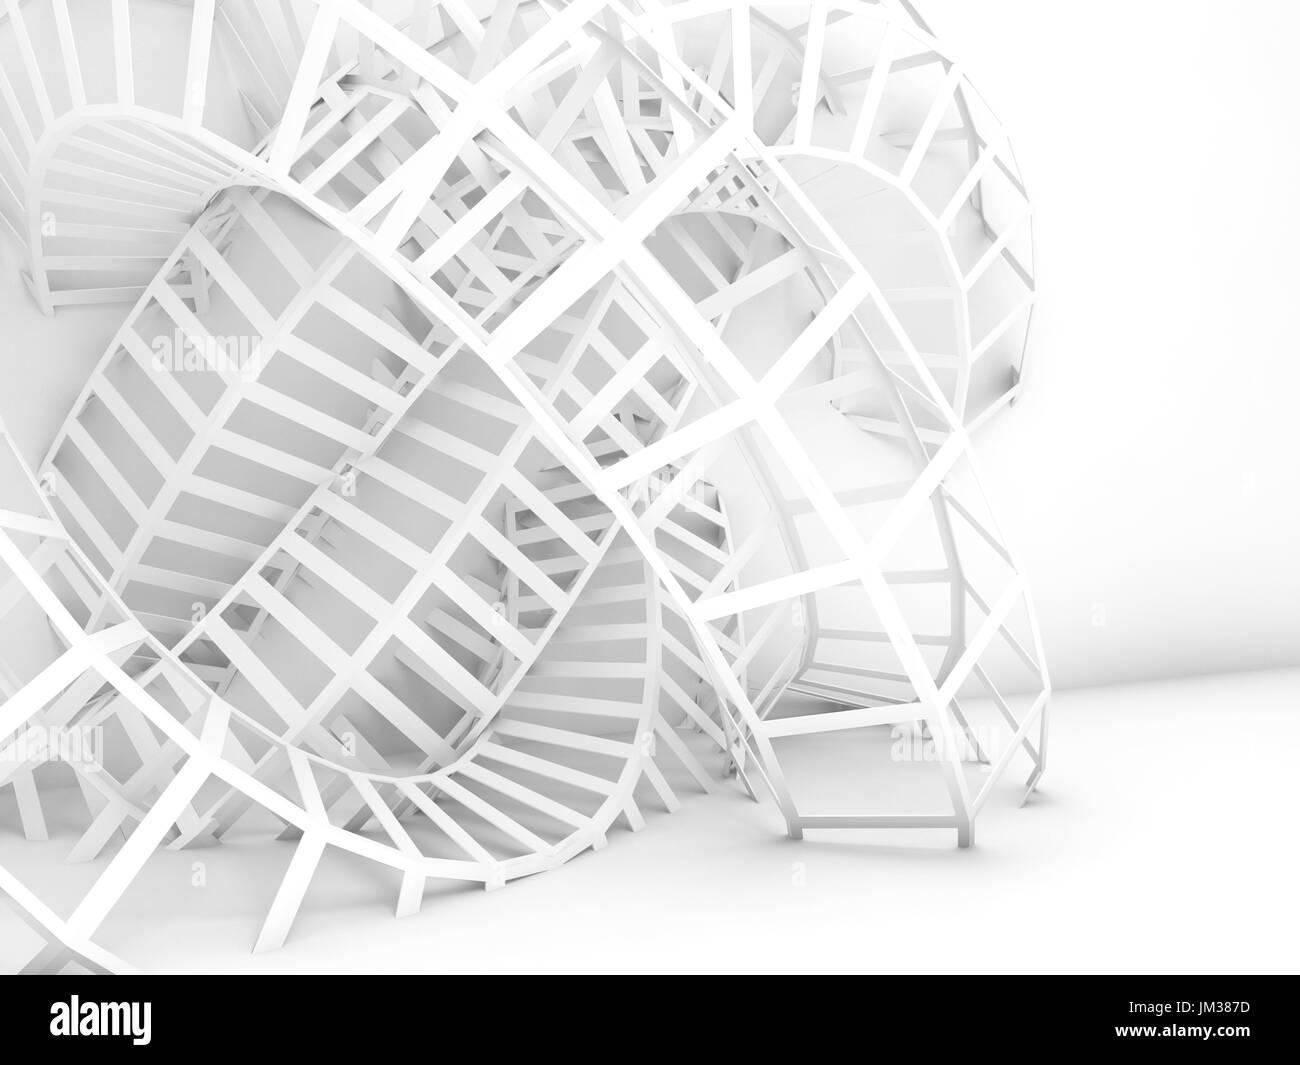 Ausgezeichnet Drahtgeflecht Installation Ideen - Elektrische ...